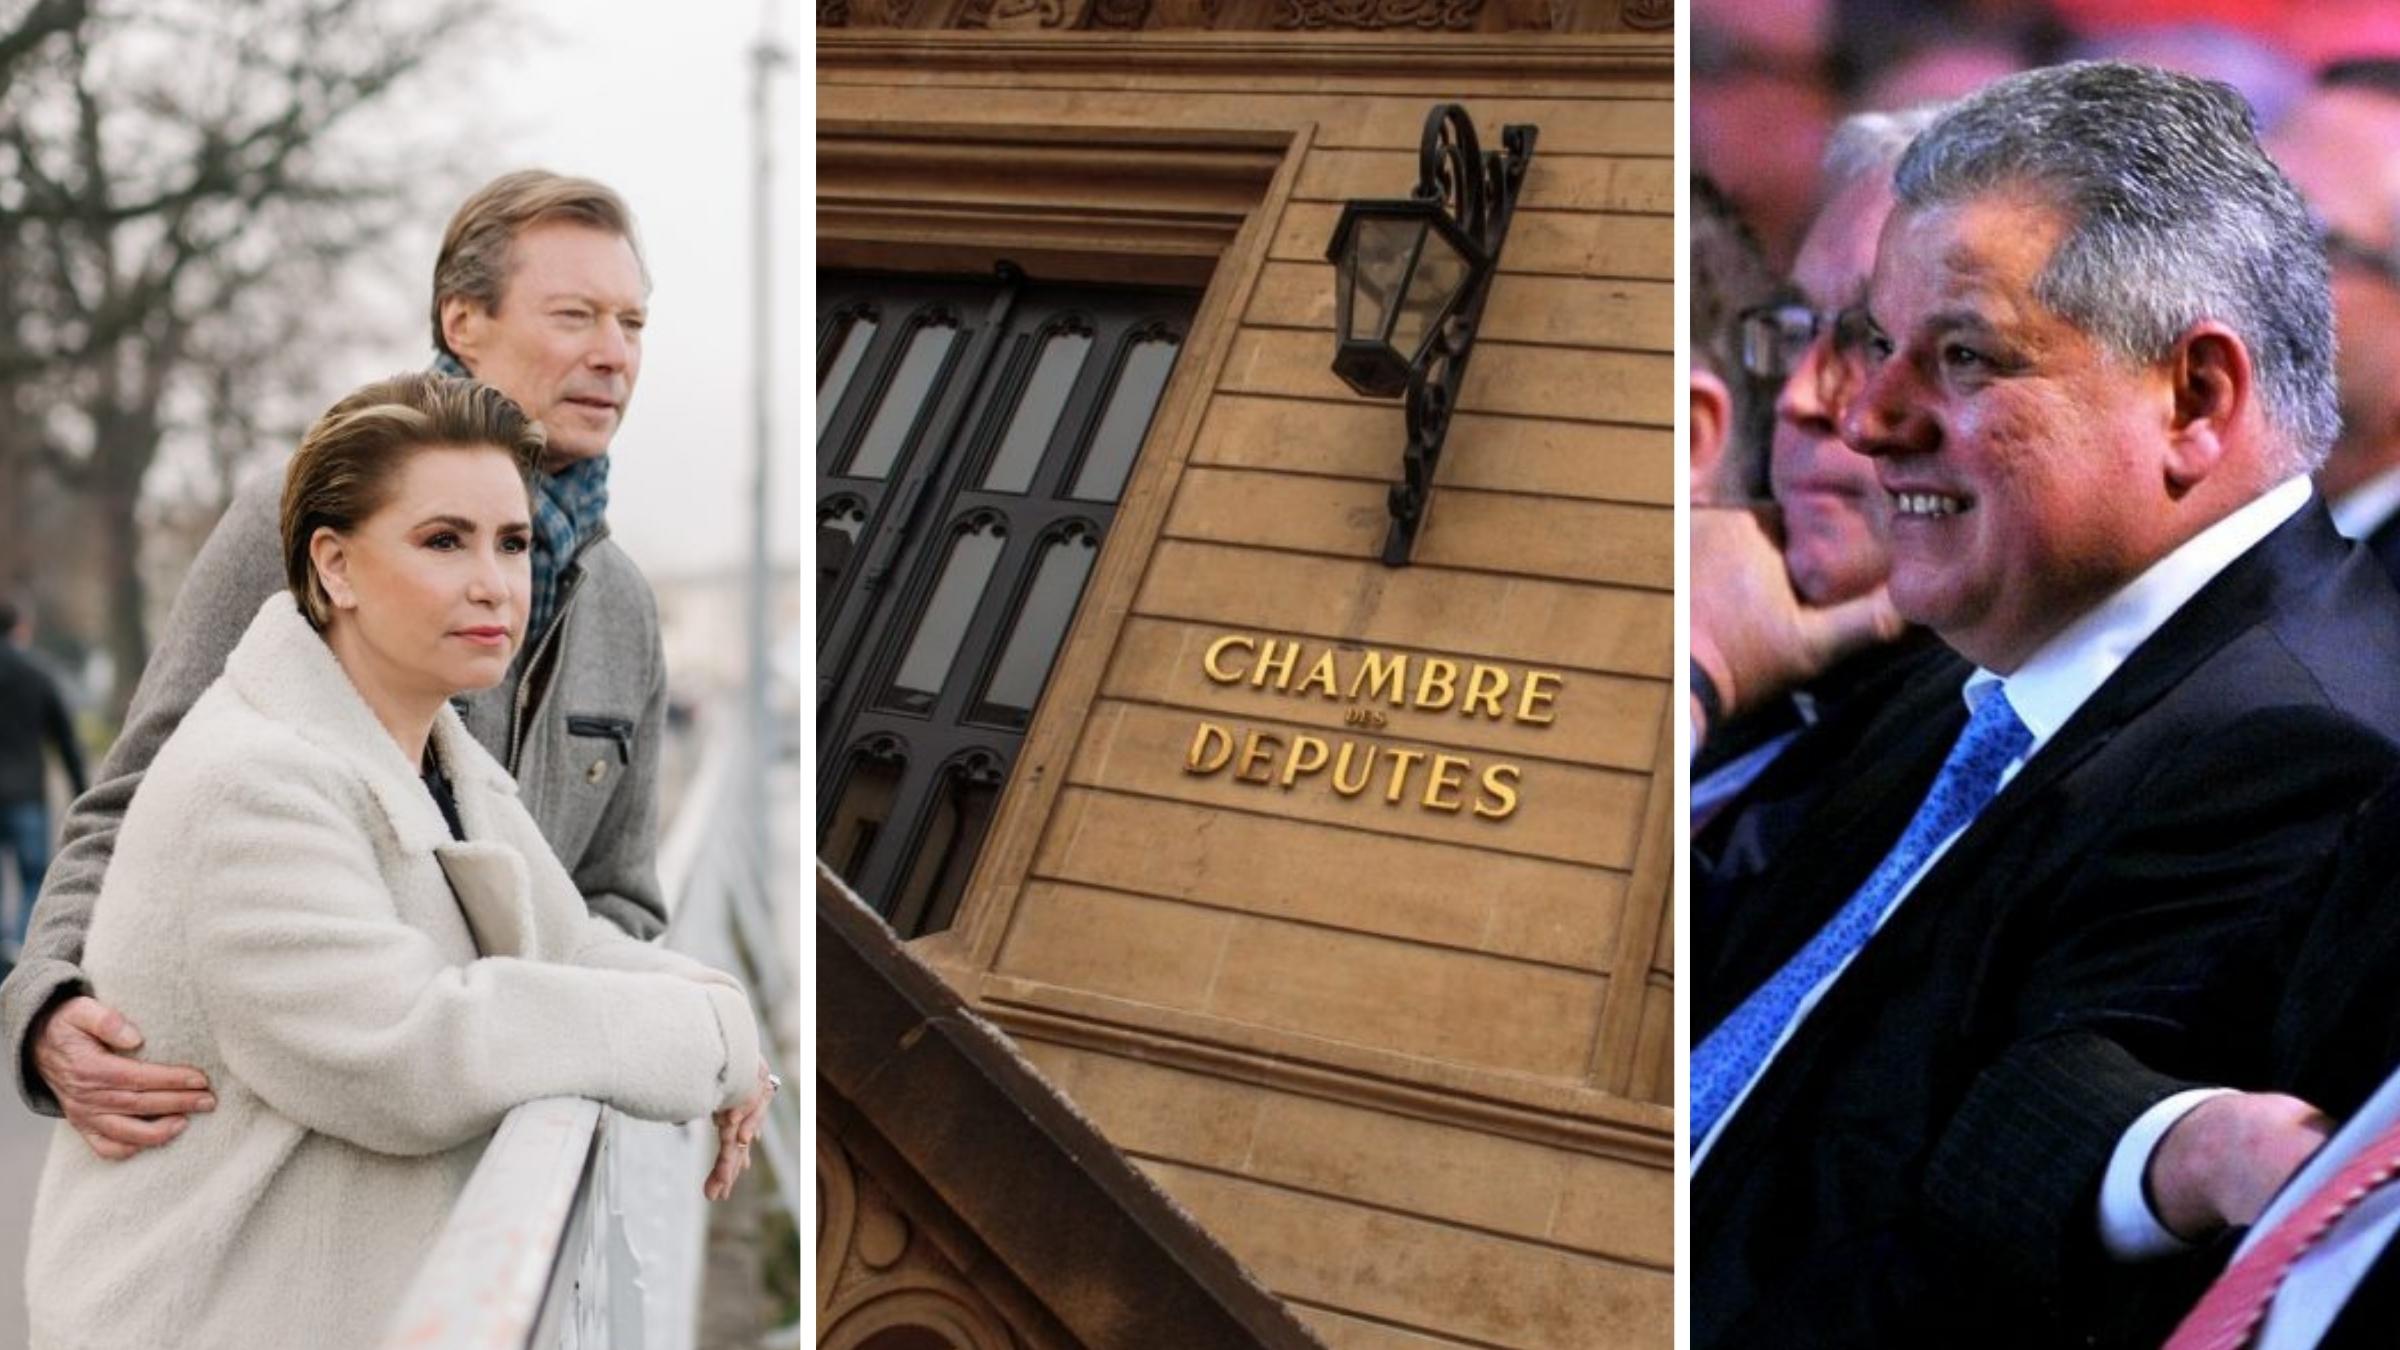 Best-of Februar: Nebenjobs im Parlament, Beccas Steuersorgen und der Waringo-Bericht - Reporter.lu